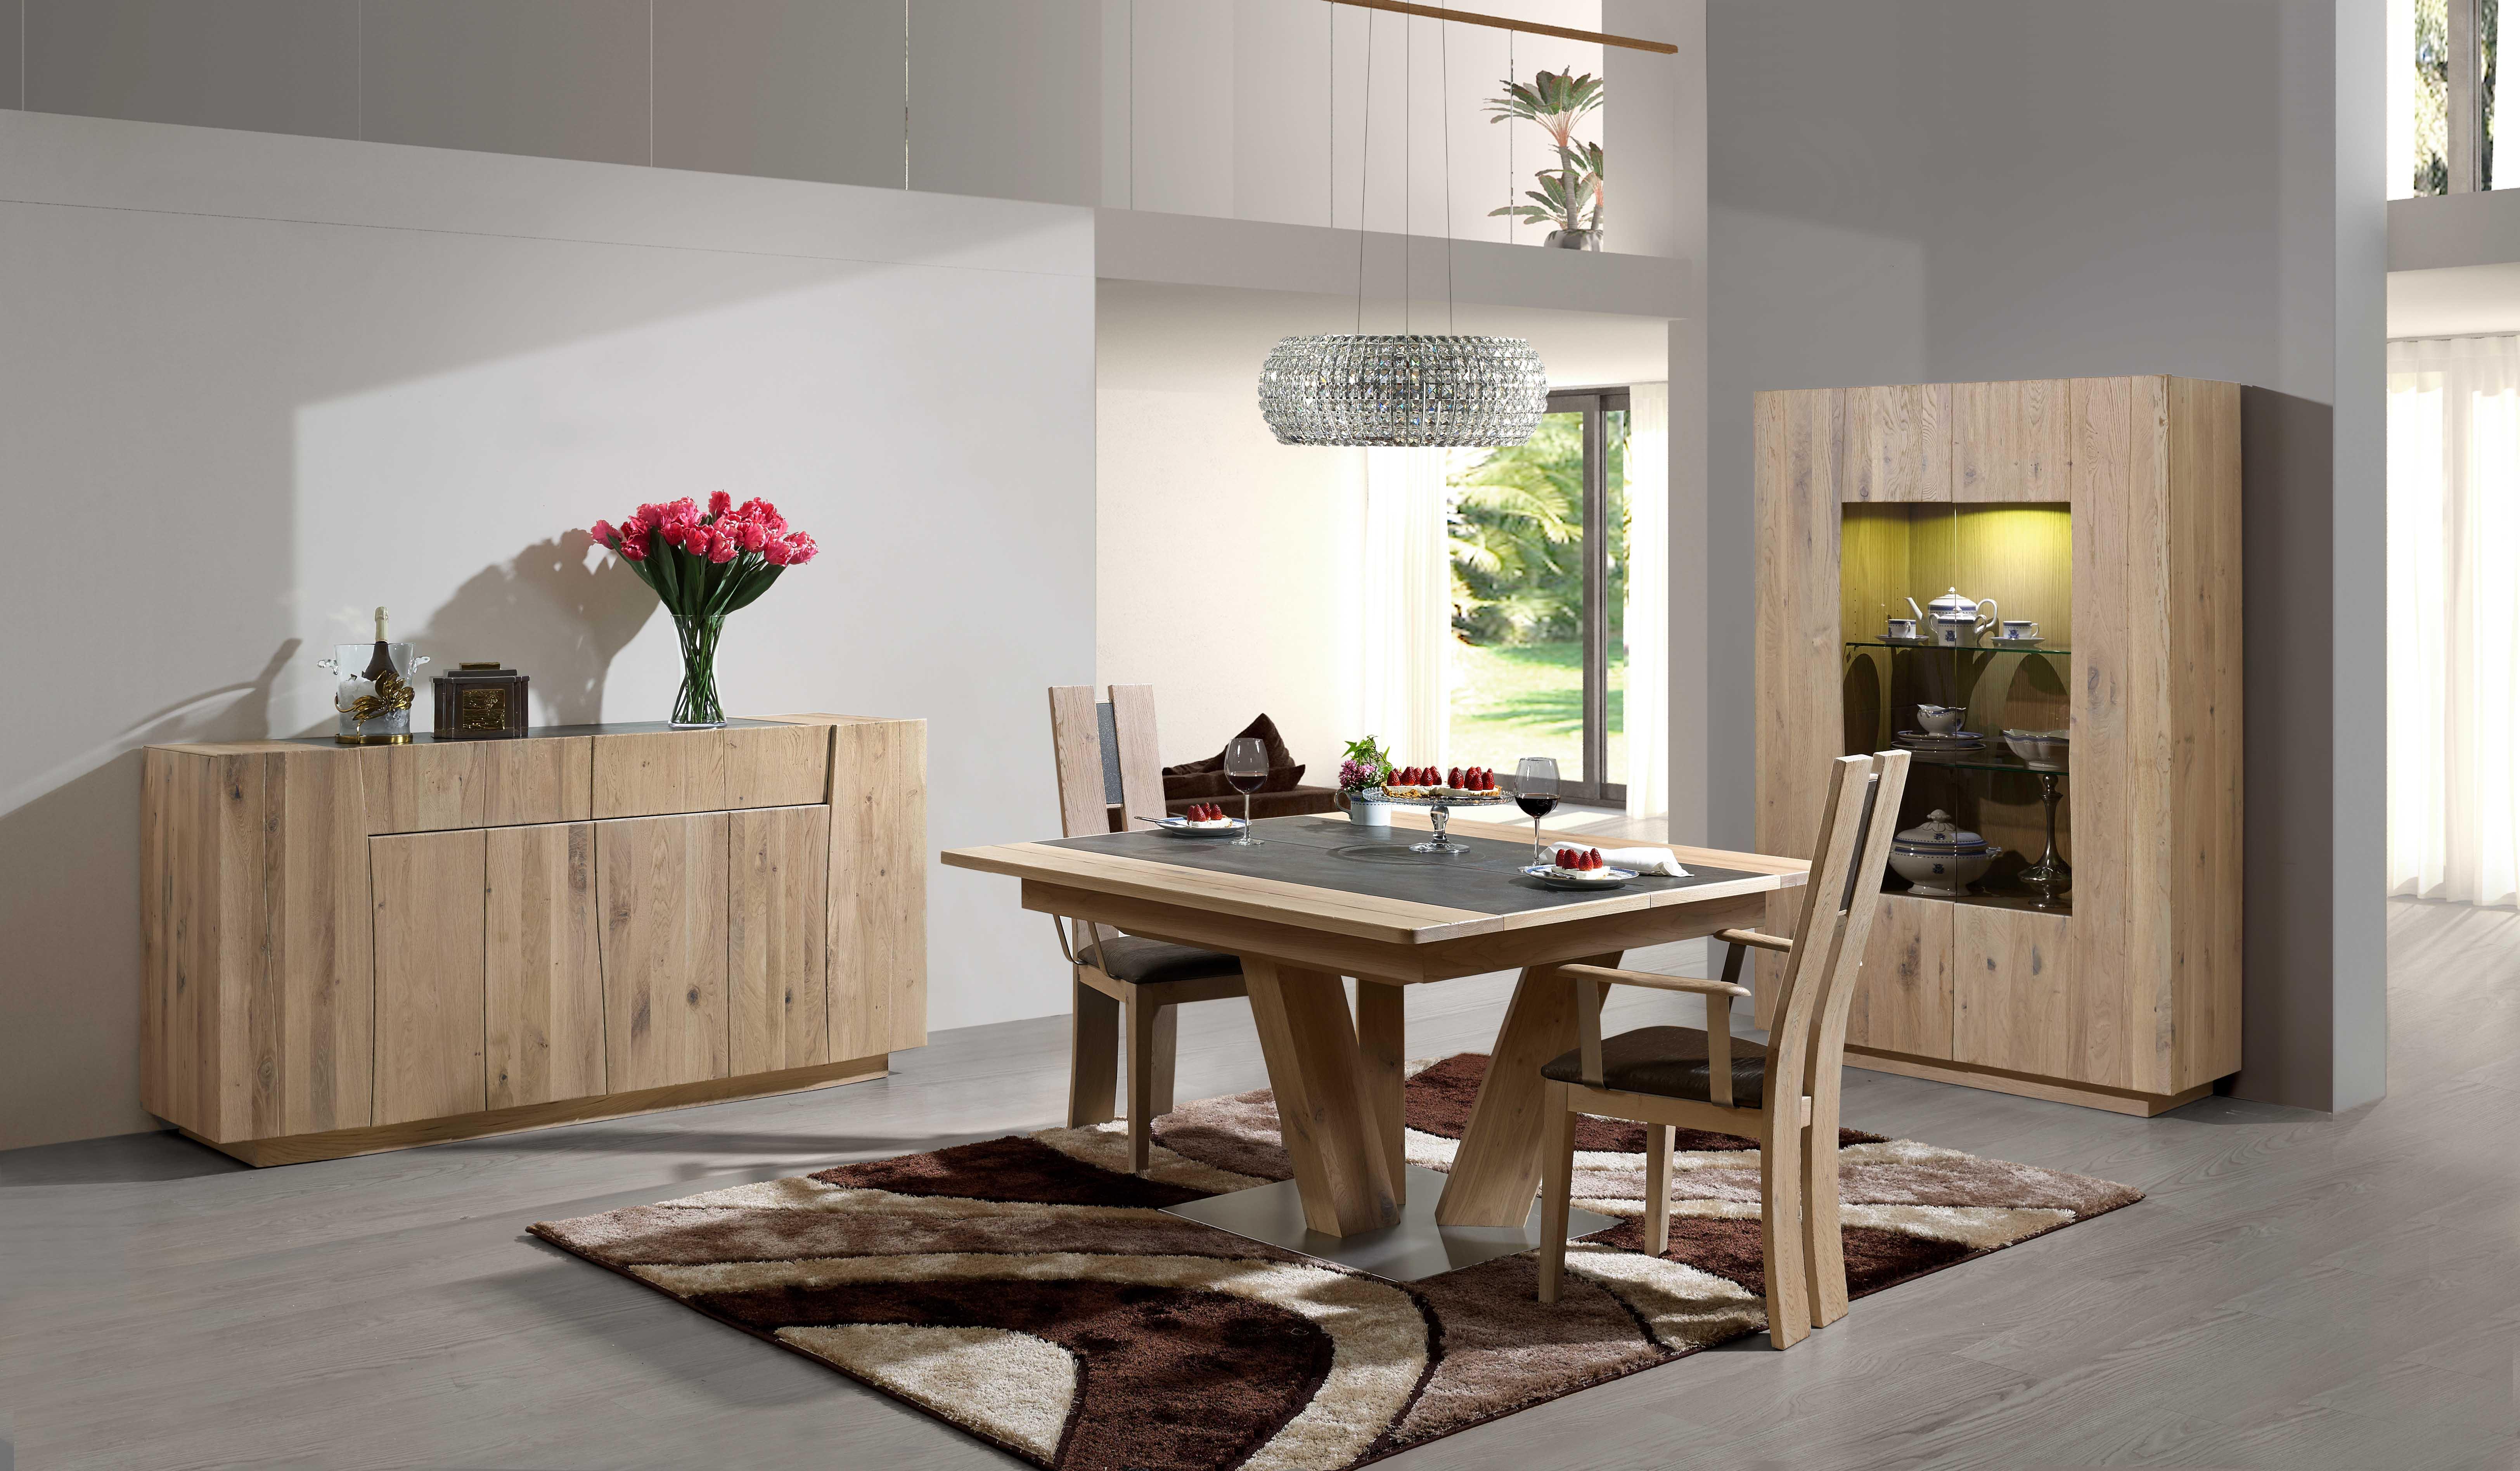 Salle manger contemporaine forest bois deco for Modele de salle a manger